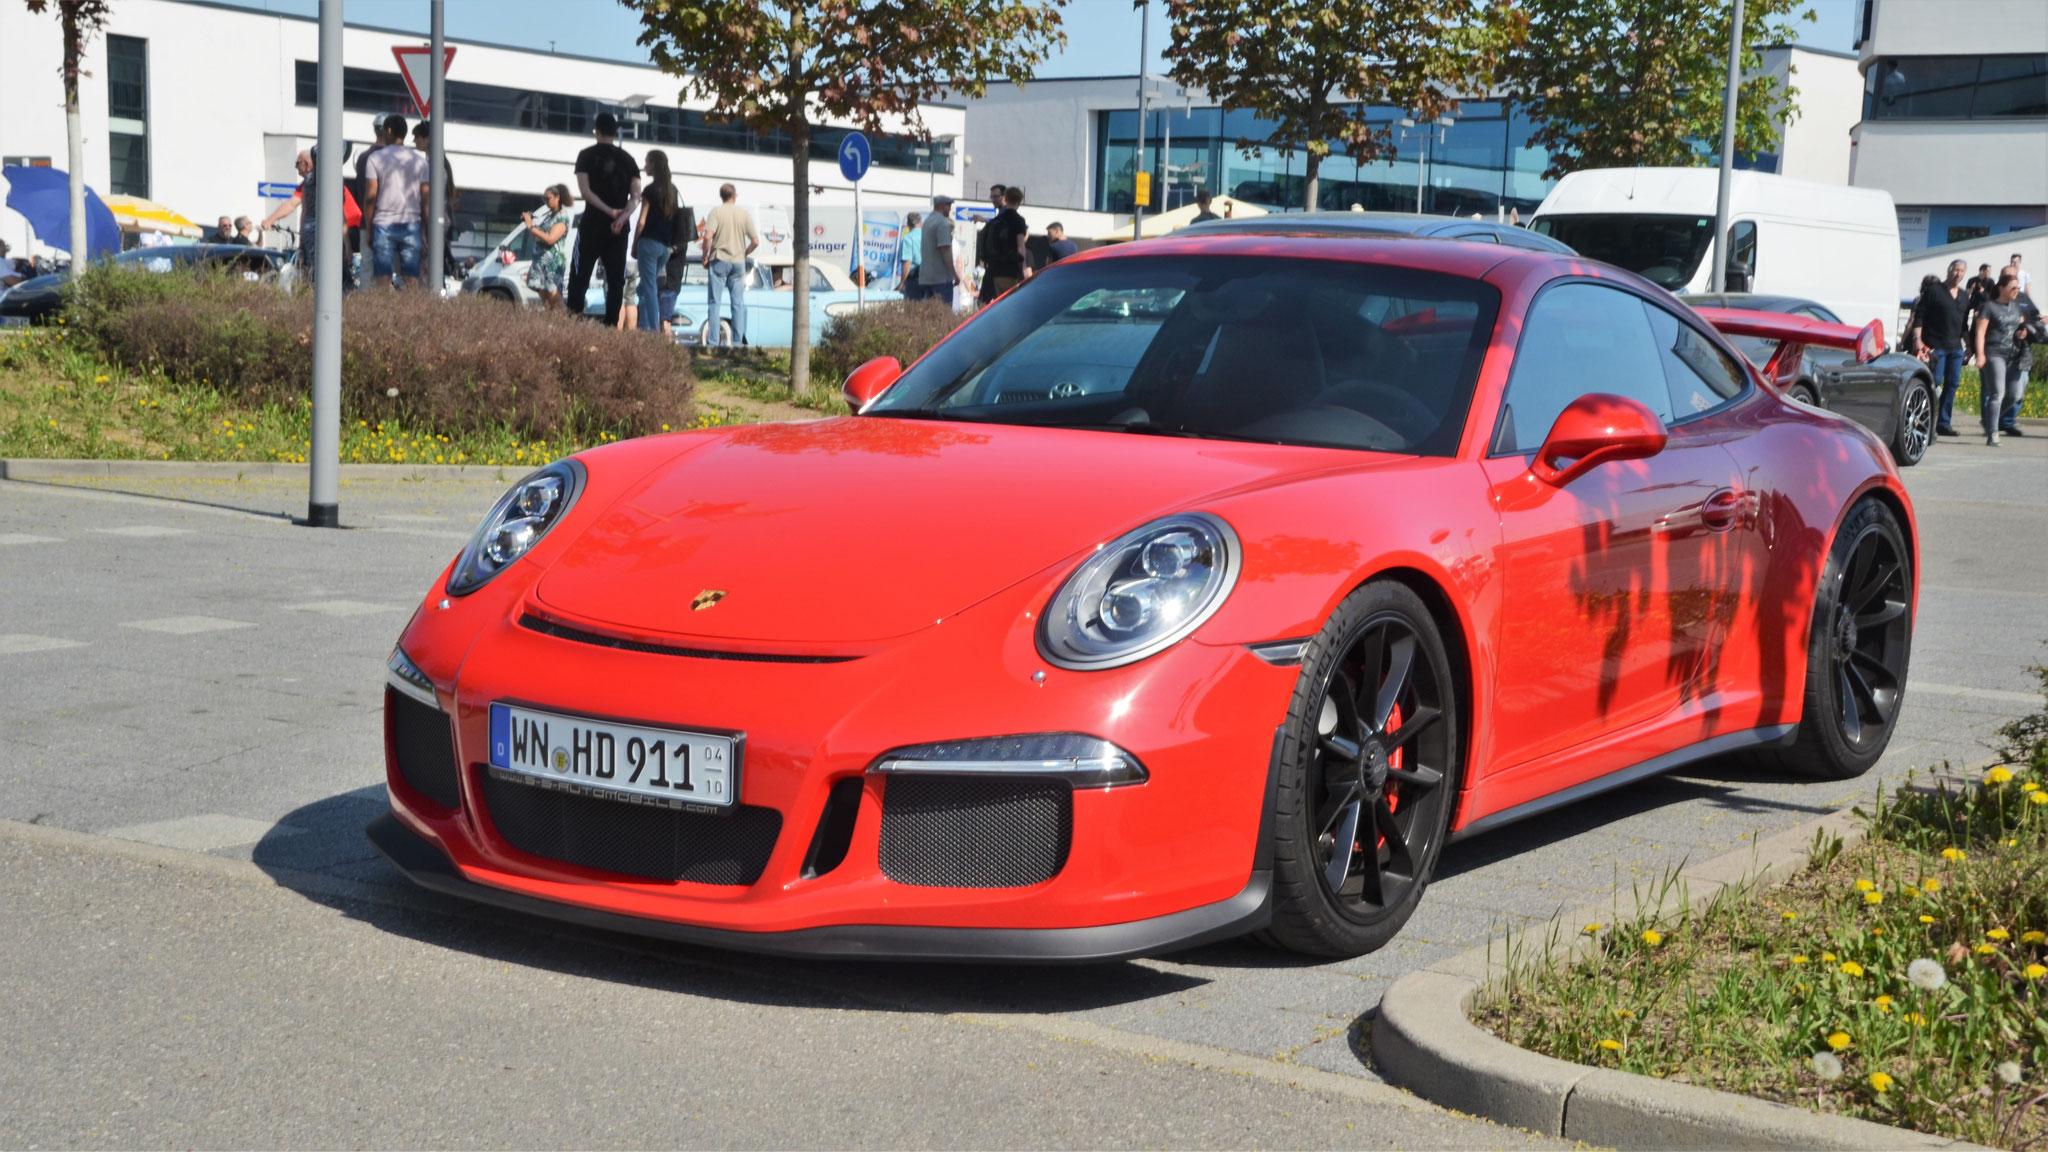 Porsche 991 GT3 -WN-HD-911